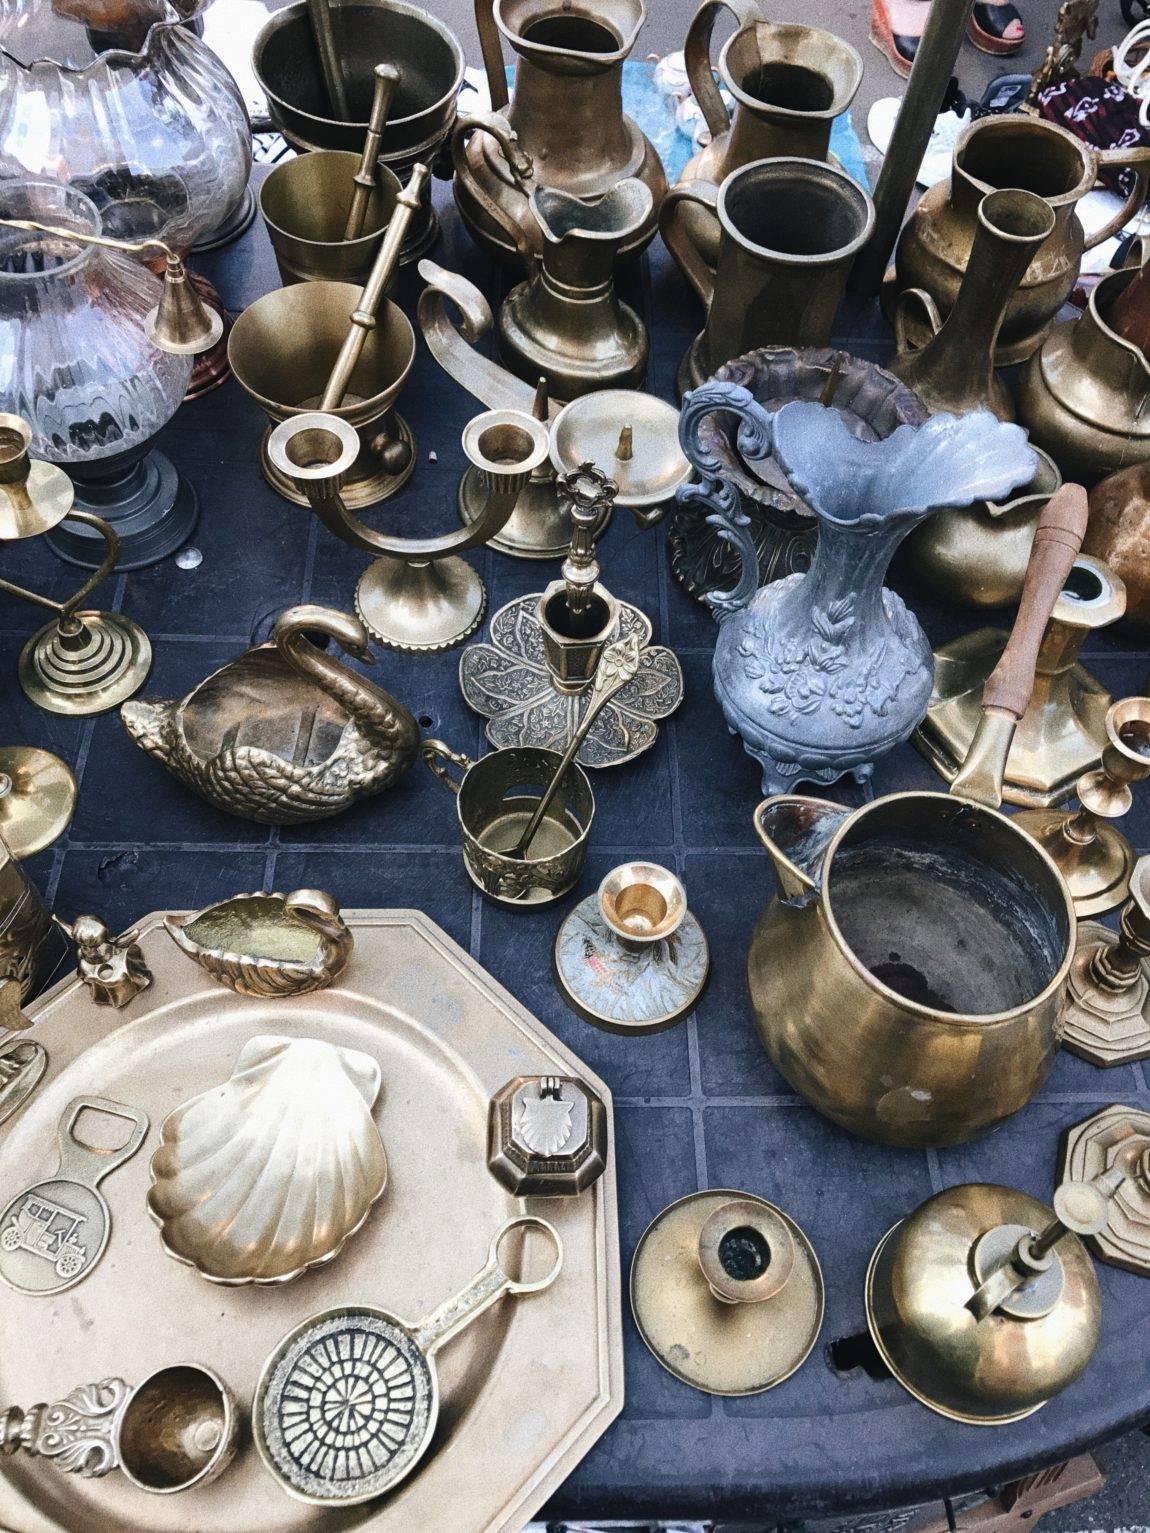 Сокровищница времени: лучшие блошиные рынки мира. где искать эксклюзивные вещи и предметы старины?   блог comfy